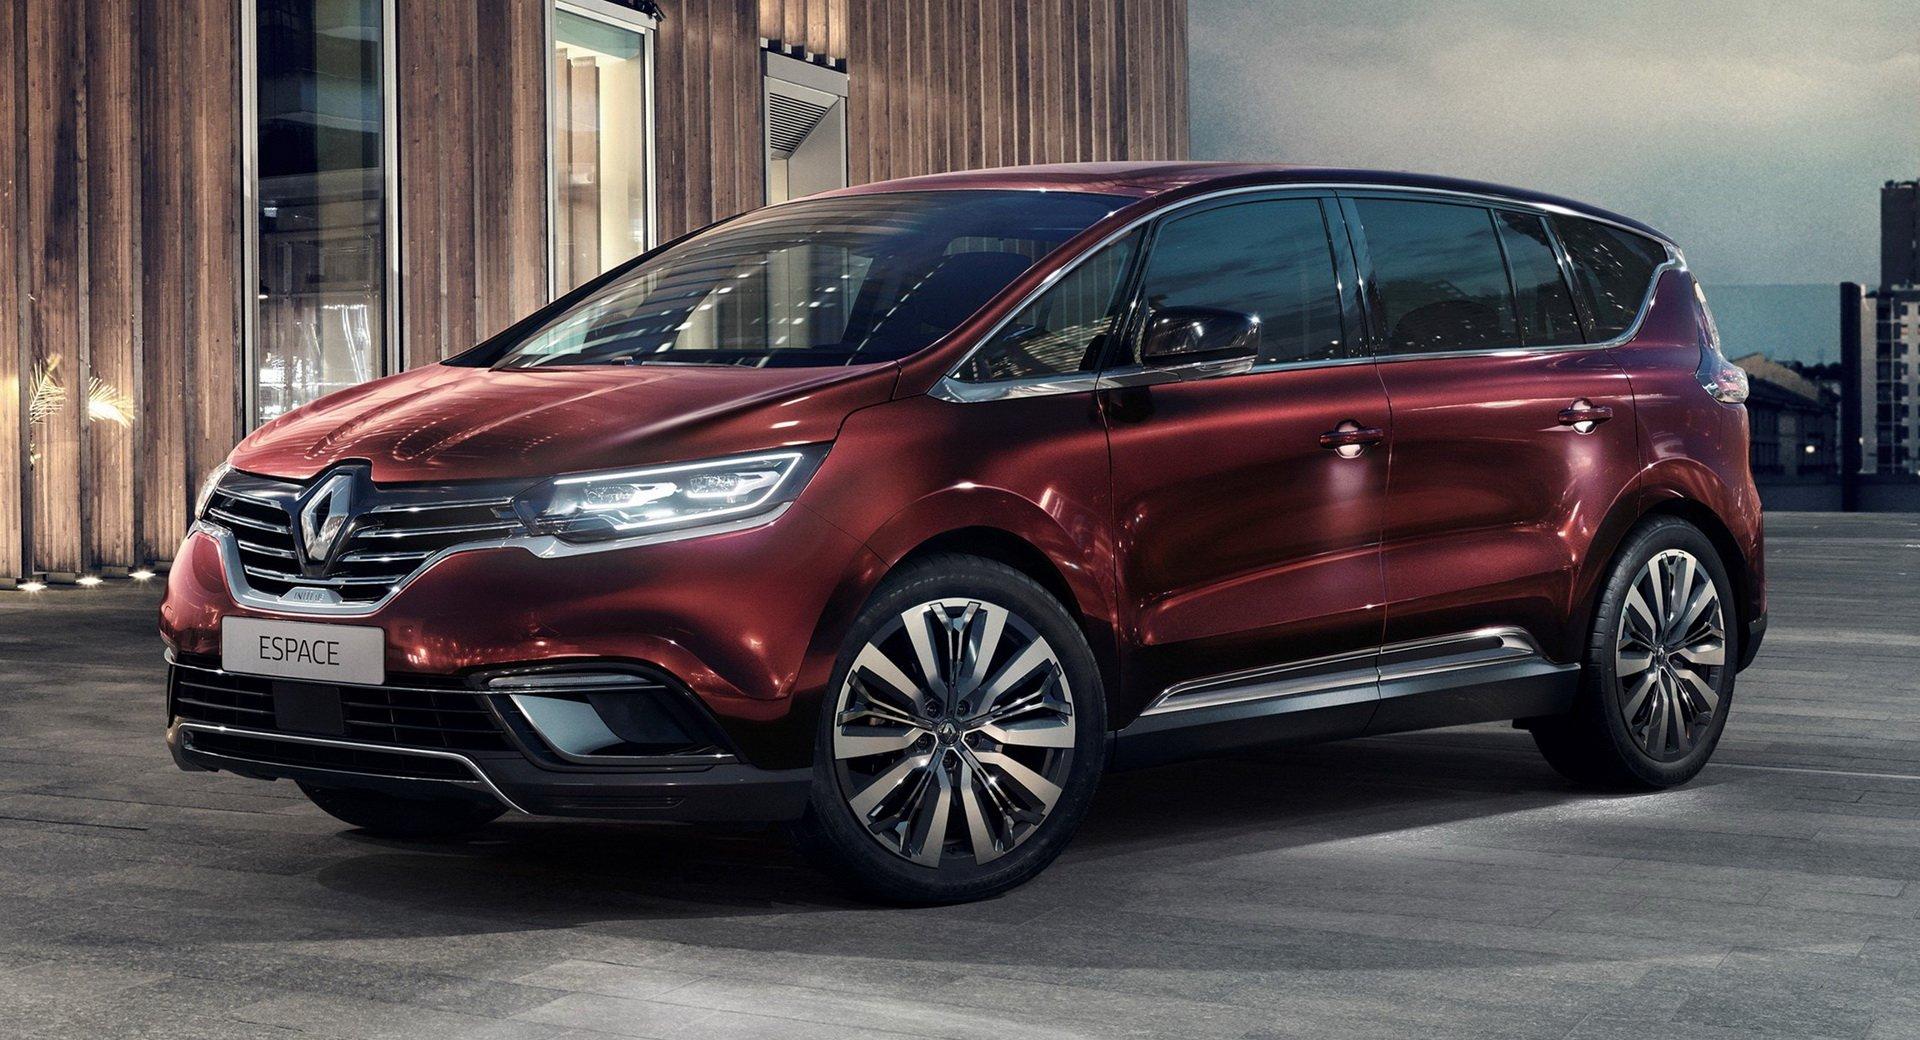 Noul Renault Espace (1)